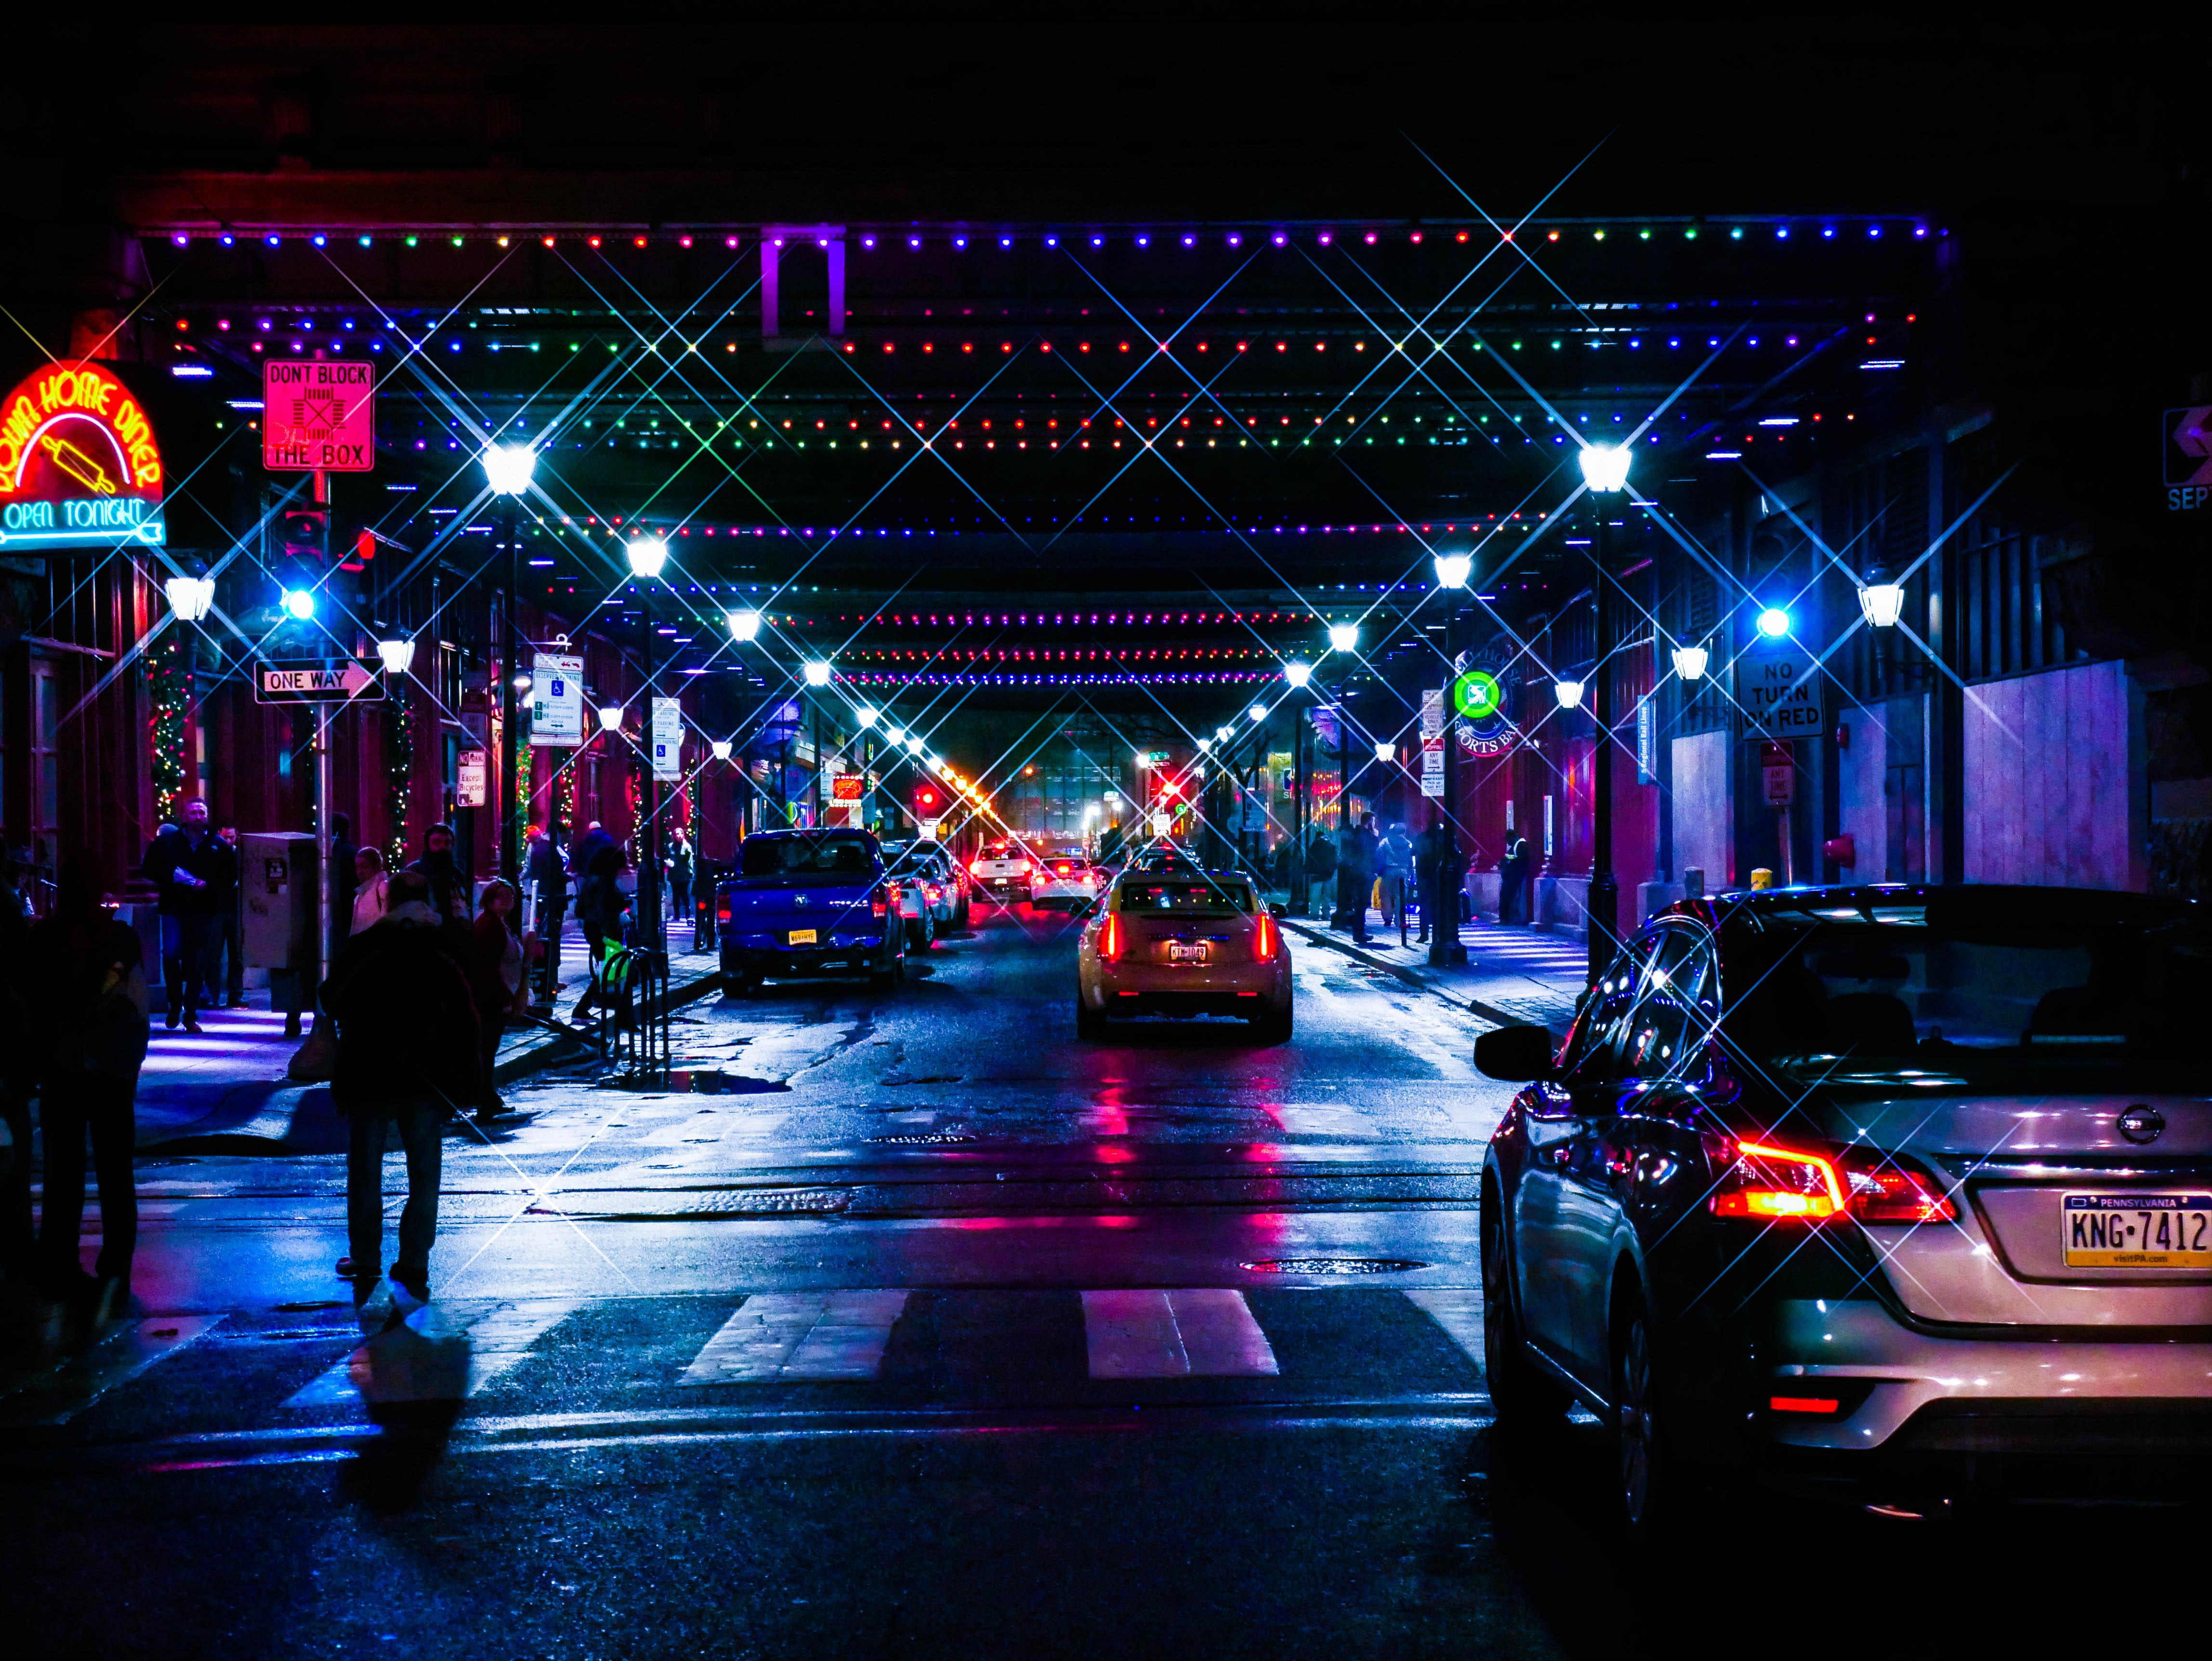 129109 Hintergrundbild 128x160 kostenlos auf deinem Handy, lade Bilder Städte, Straße, Der Verkehr, Bewegung, Nächtliche Stadt, Night City, Hintergrundbeleuchtung, Beleuchtung, Street, Beleuchtungen 128x160 auf dein Handy herunter